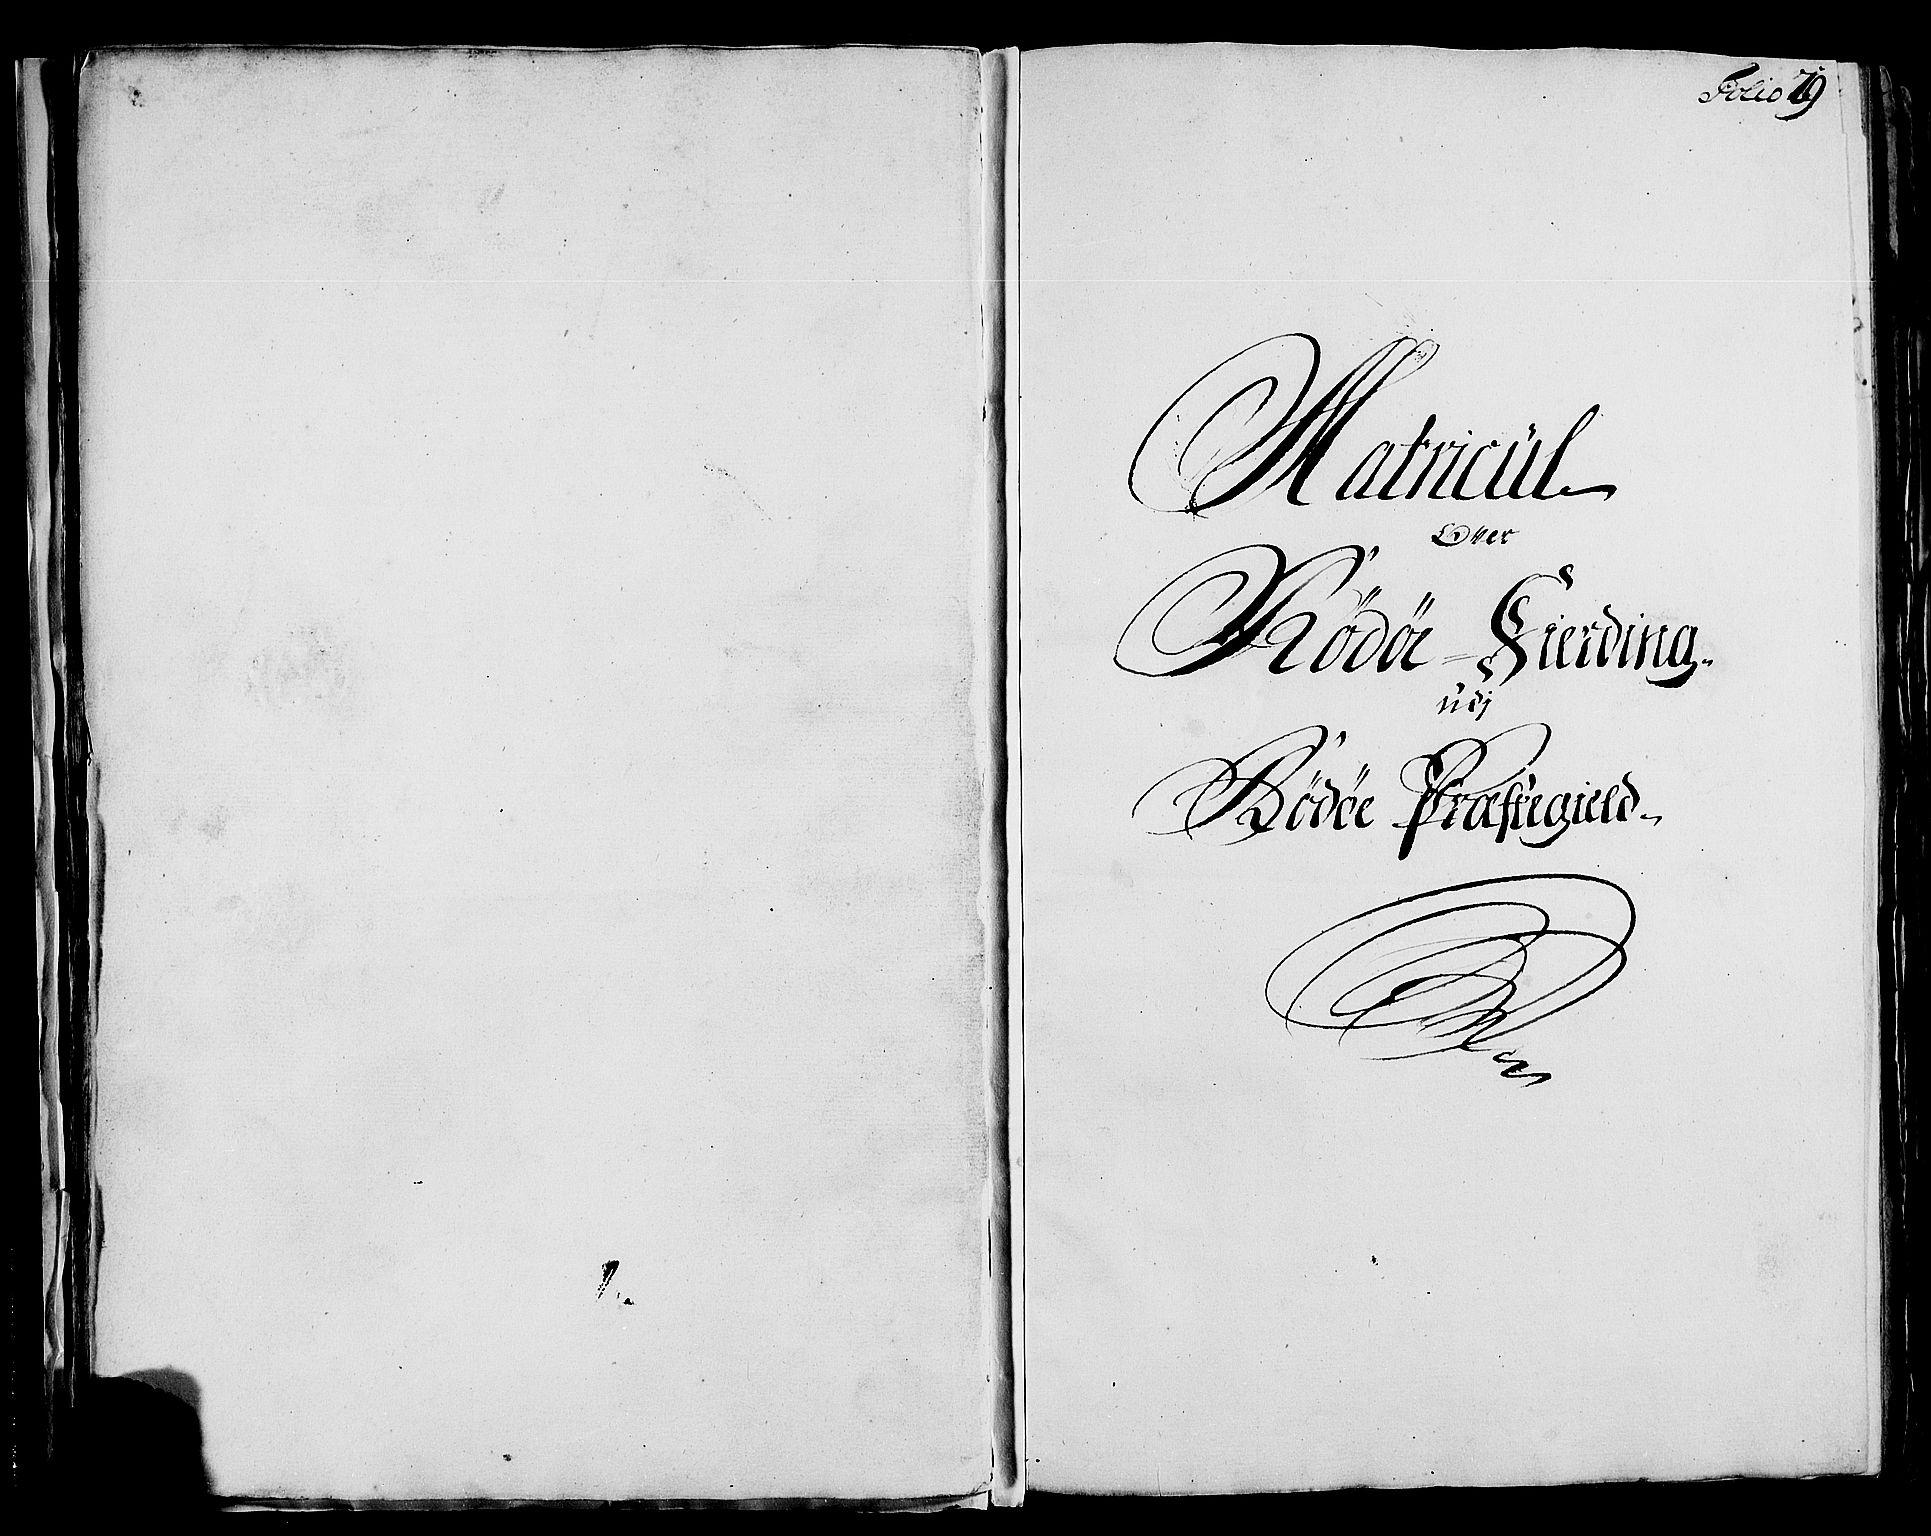 RA, Rentekammeret inntil 1814, Realistisk ordnet avdeling, N/Nb/Nbf/L0171: Helgeland matrikkelprotokoll, 1723, s. 28b-29a